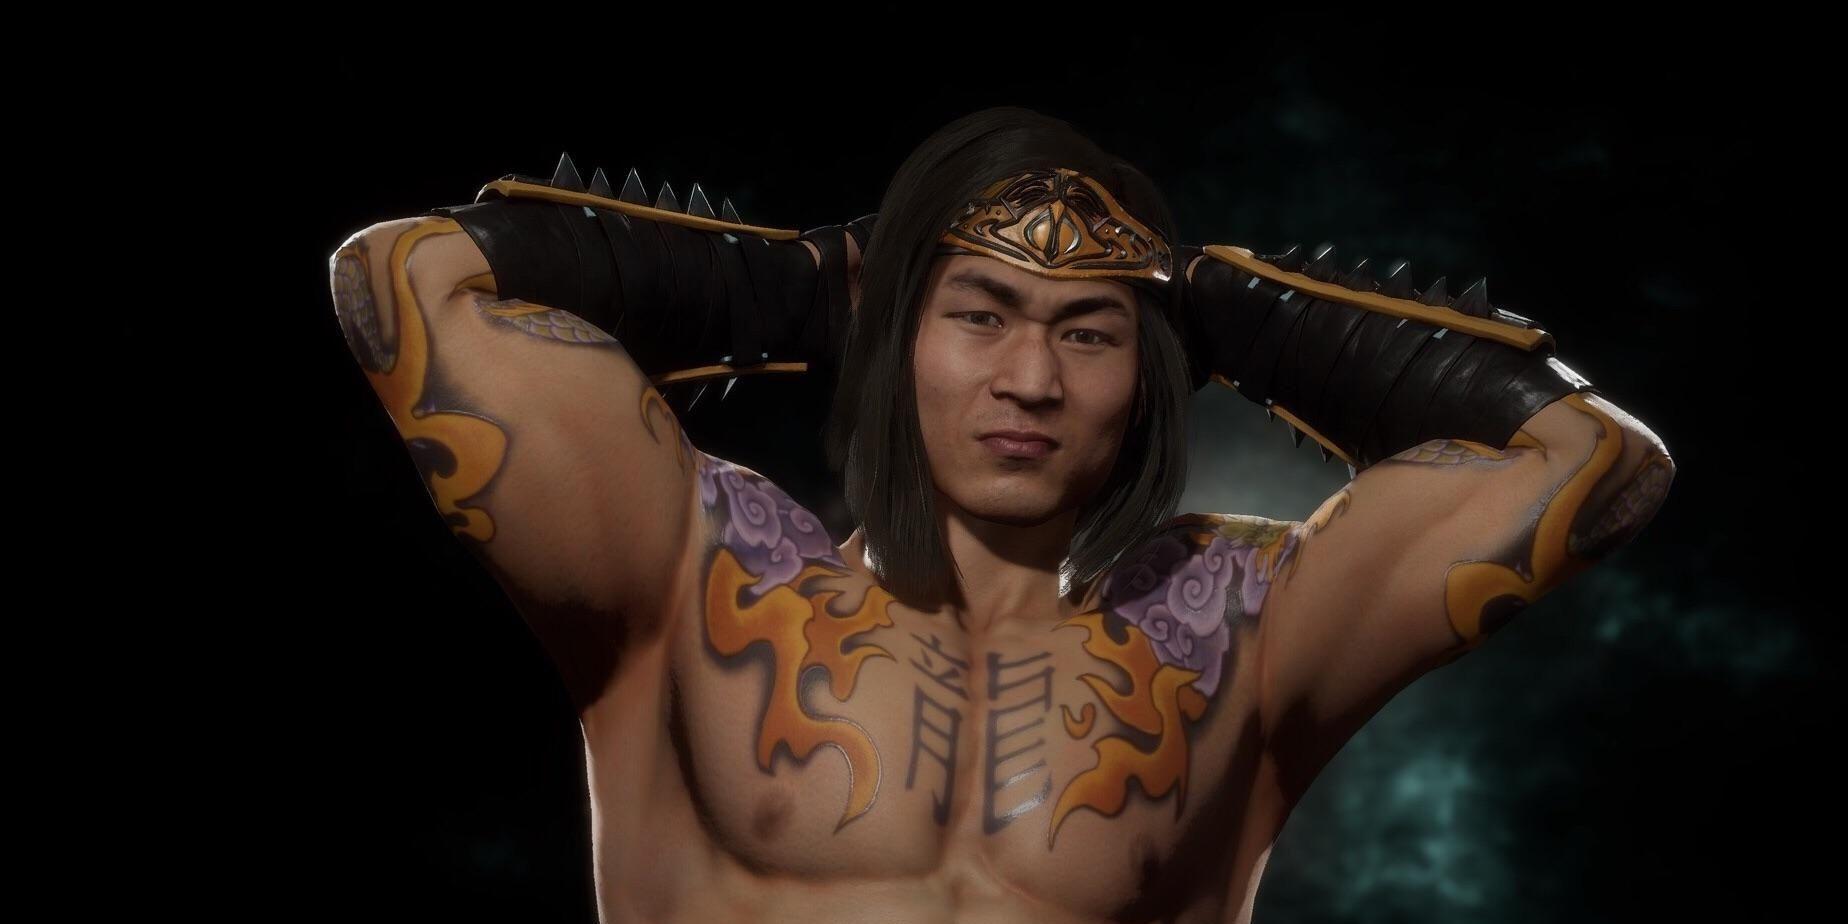 10 Coisas loucas que você não sabia sobre os personagens principais de Mortal Kombat 11 3